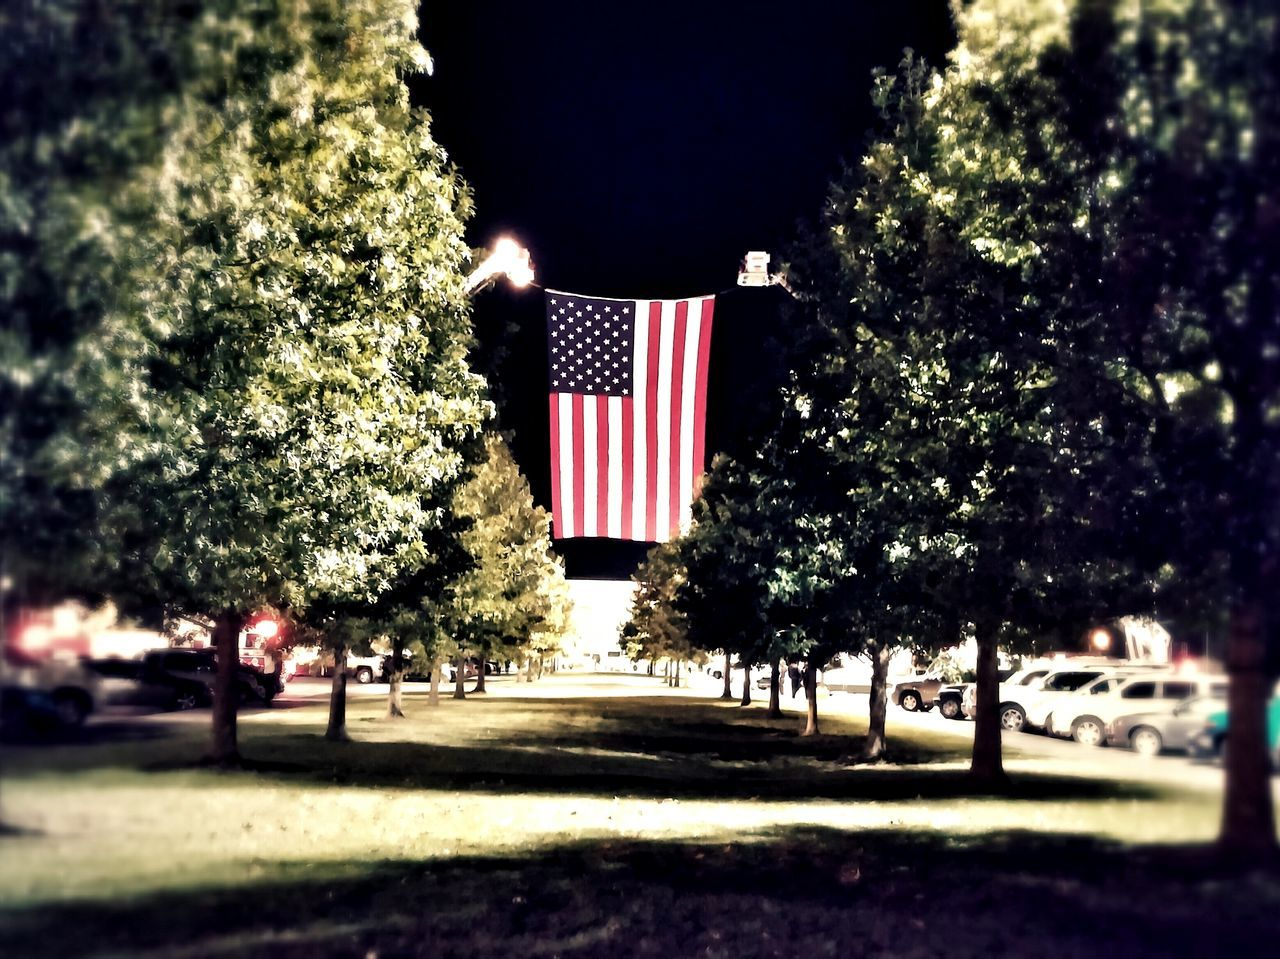 Memorial Patriotism Illuminated Flag Hoisted Flag Patriotic Memorials